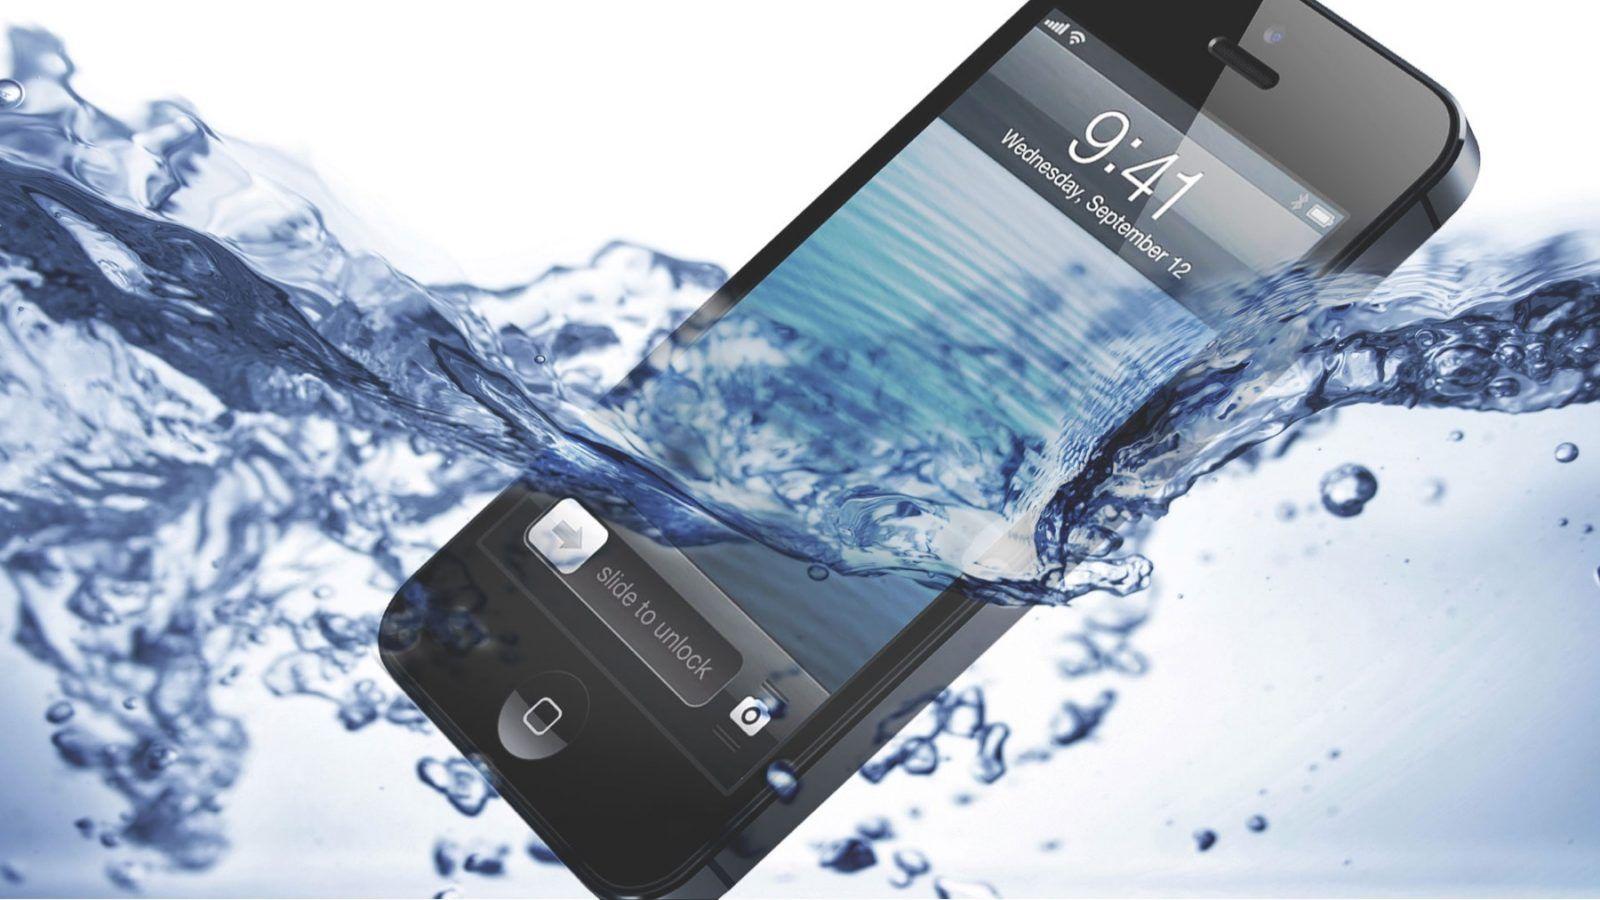 Naprawa Apple Szczecin po zalaniu. Telefon wpadł do wody? iPhone po zalaniu? Wiemy co zrobić, aby mógł podziałać jeszcze przez długi czas!